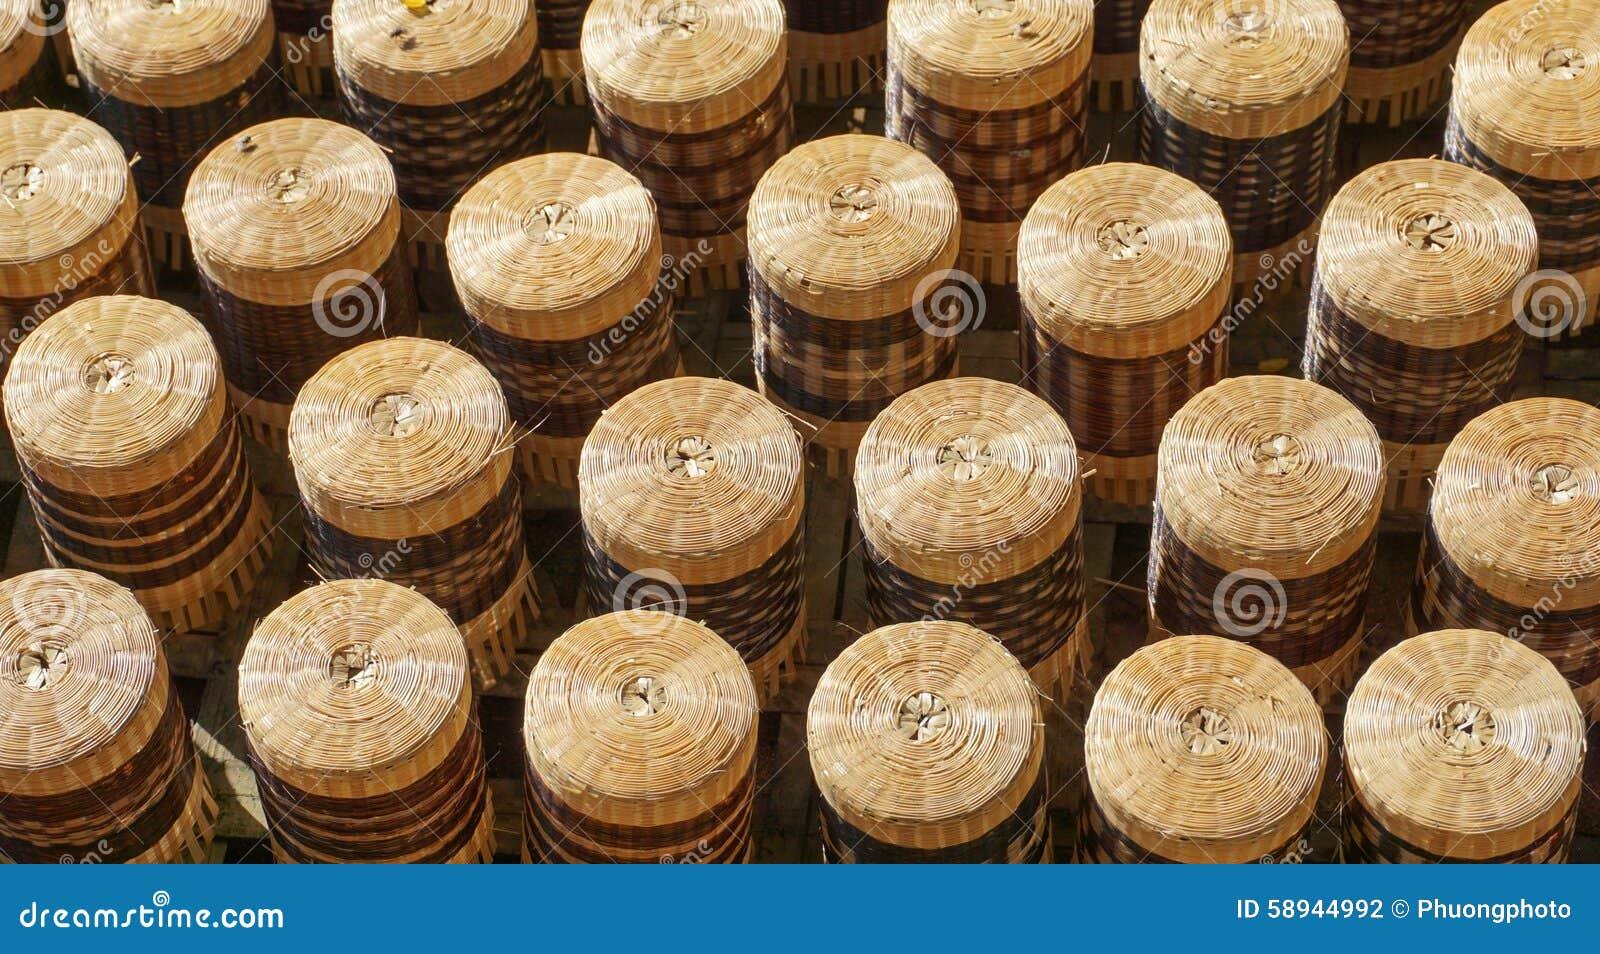 Artesanato Com Cd Velho ~ Artesanato Feito Do Bambu Para A Venda Foto de Stock Imagem 58944992